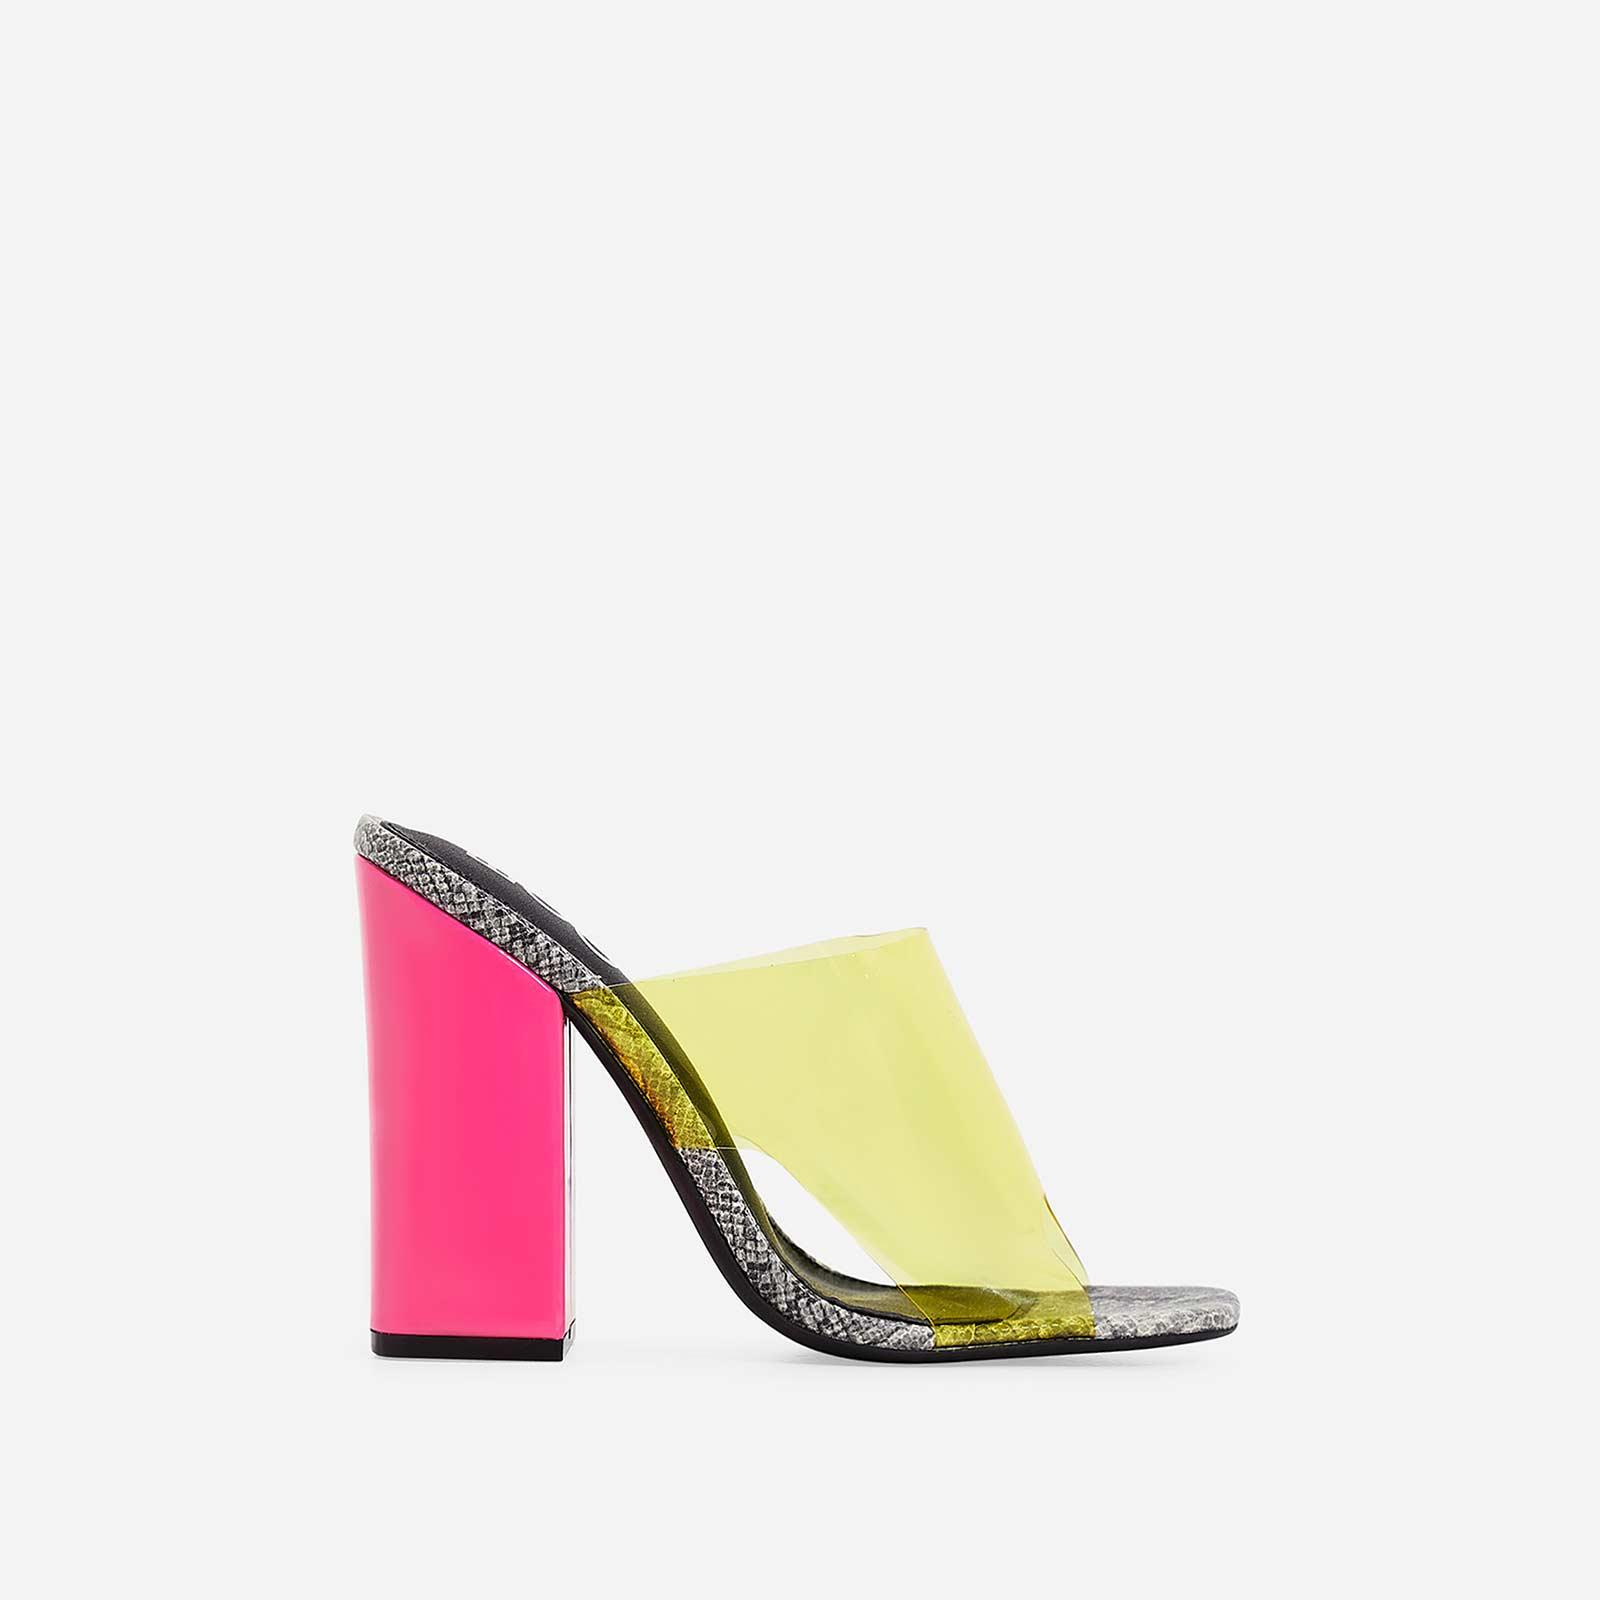 Brooke Patent Block Heel Perspex Peep Toe Mule In Grey Snake Print Faux Leather